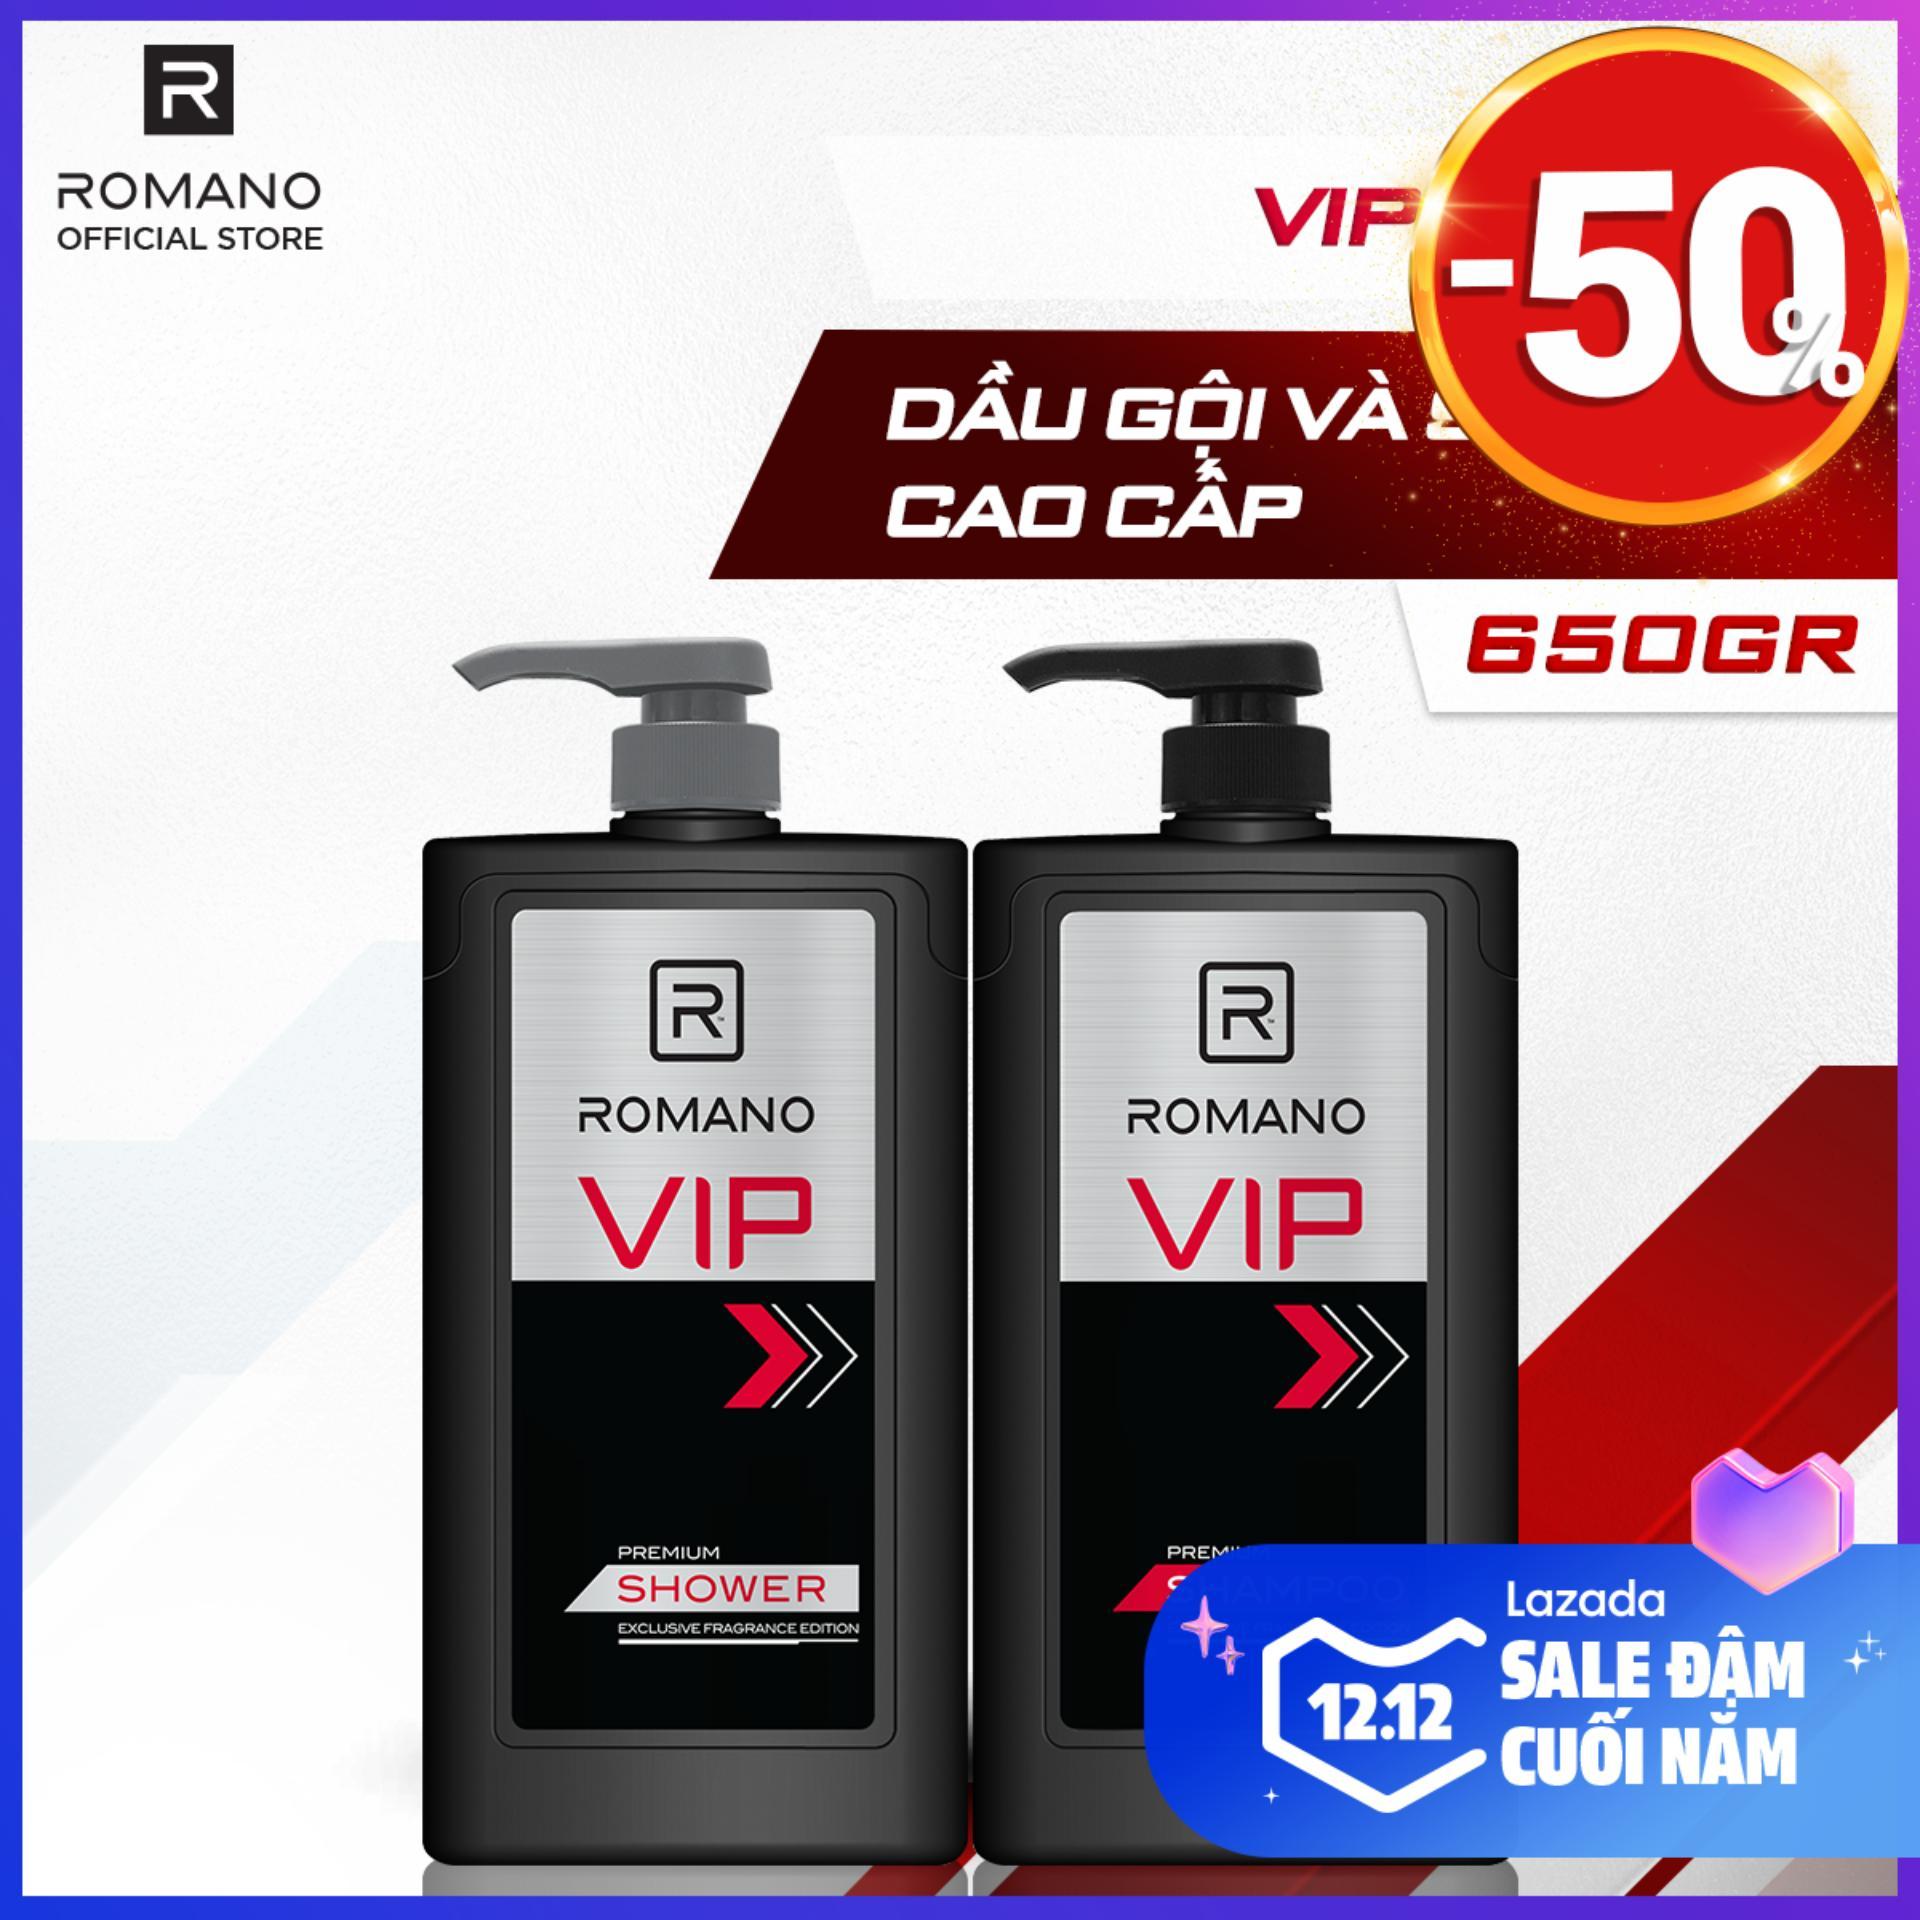 Combo Dầu gội và Sữa tắm cao cấp Romano Vip sang trọng đẳng cấp 650gr cao cấp